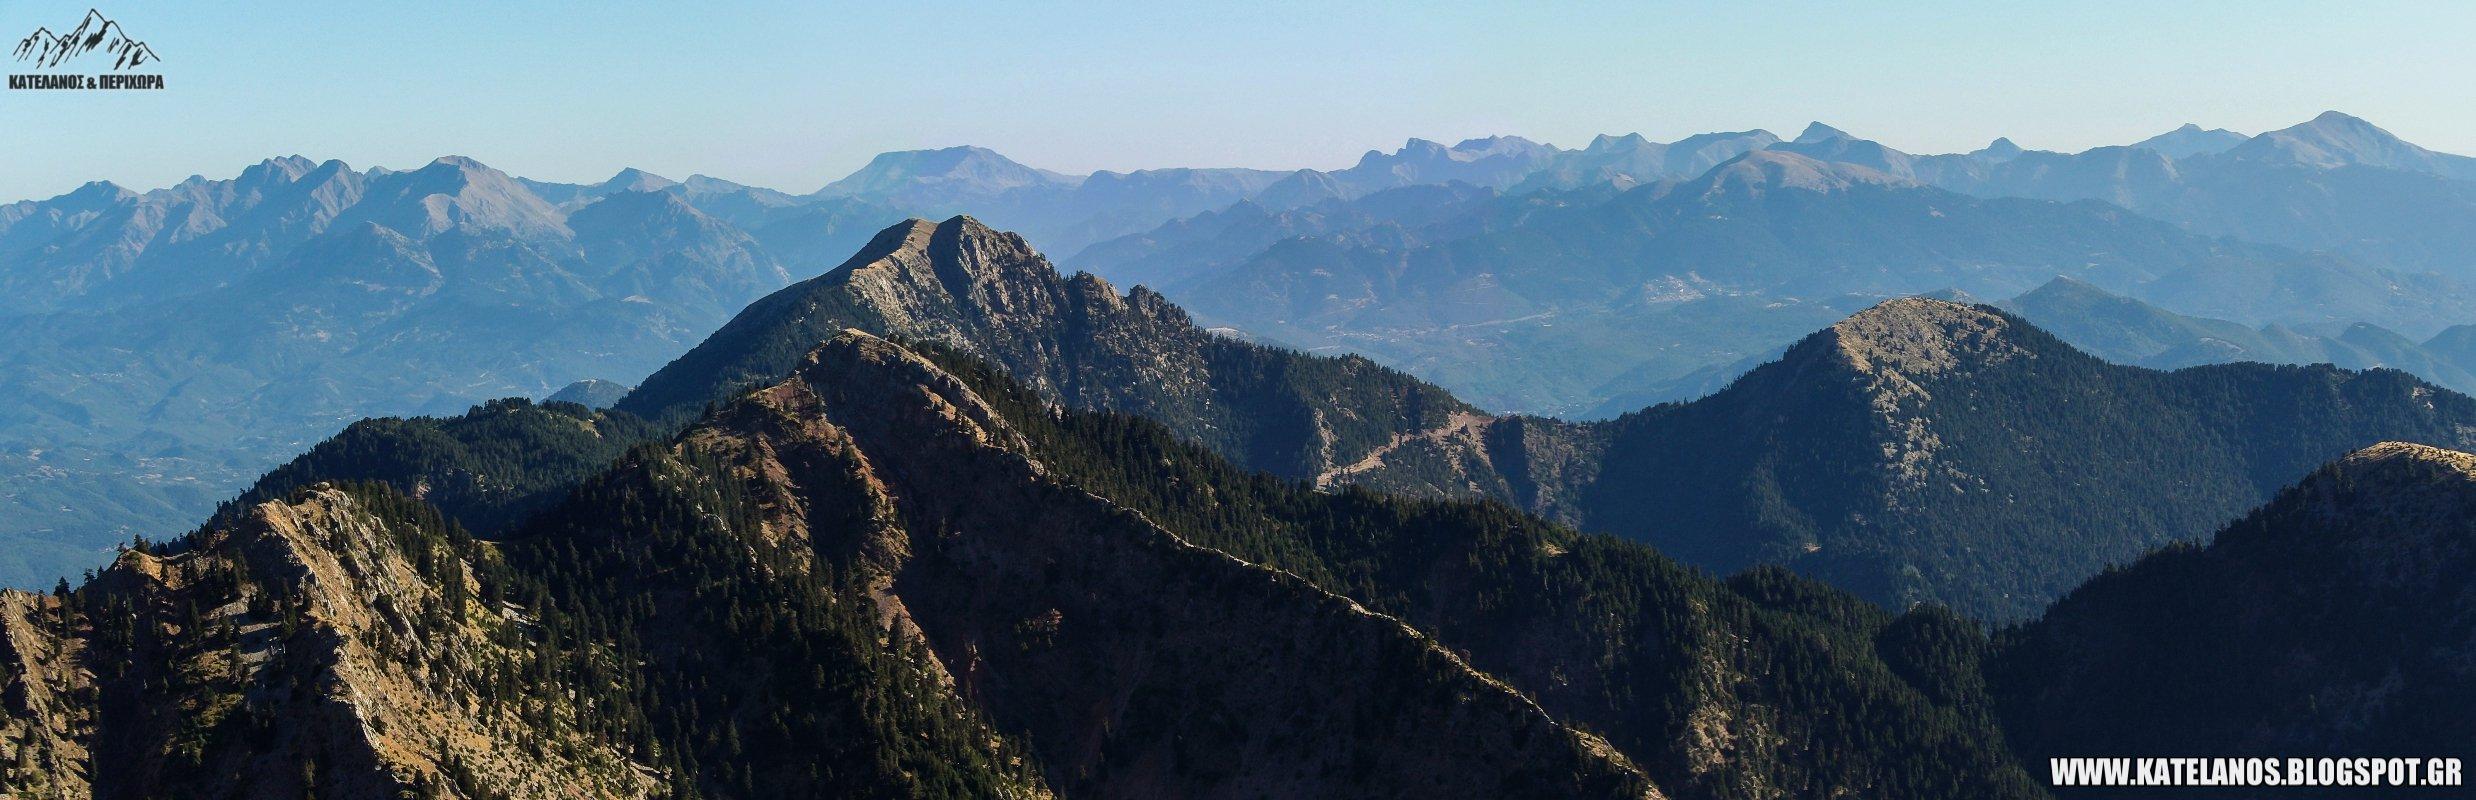 παναιτωλικο ορος παλουκι τσοκα πετρωτο μεγαλη ραχη δυτικα αγραφα βουτσικακι ανατολικα αγραφα βουνα